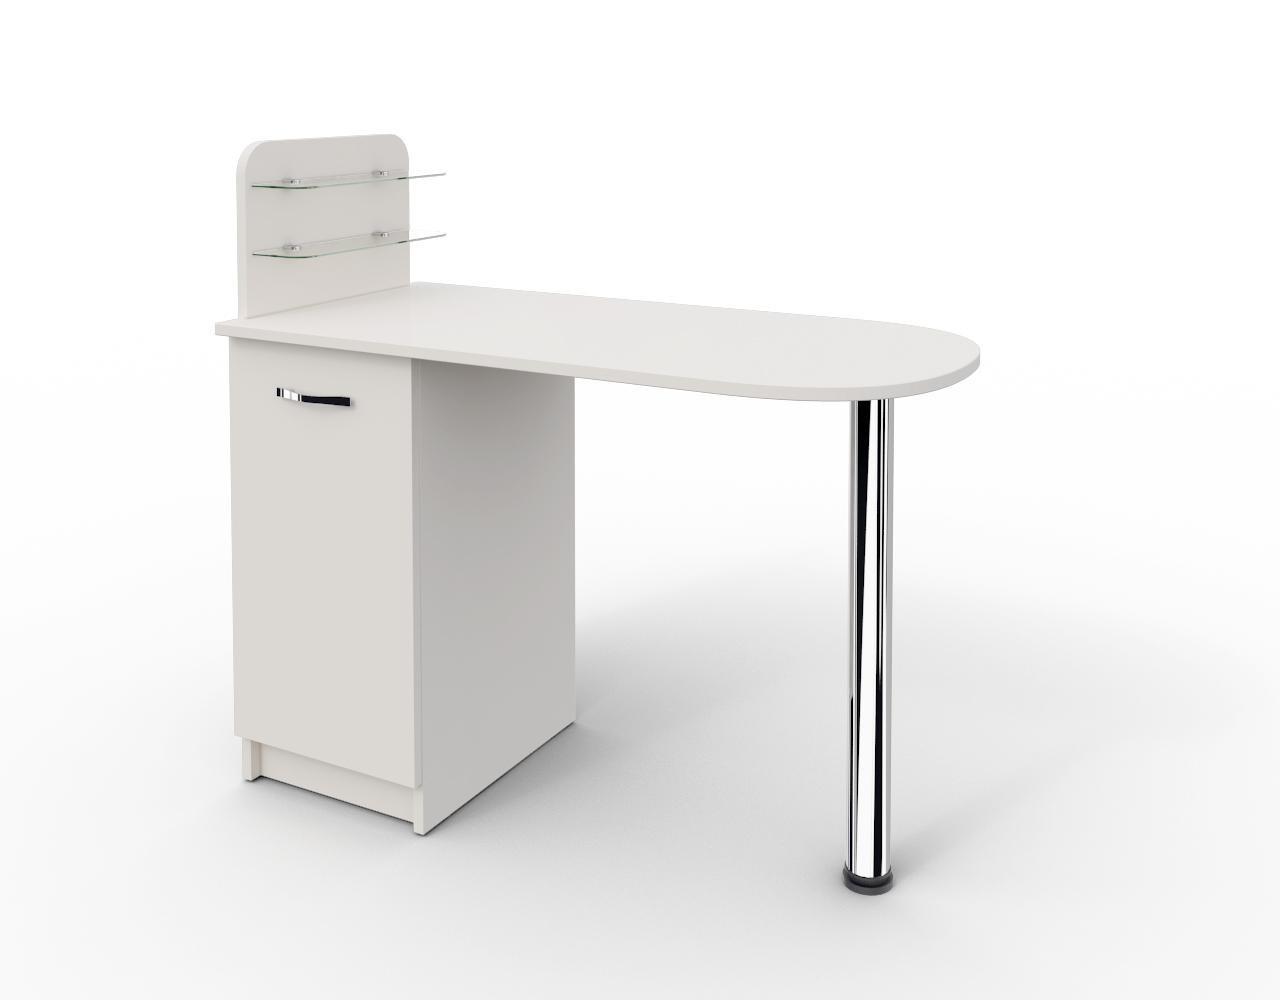 """Манікюрний стіл c поличками під лак """"Практик"""""""